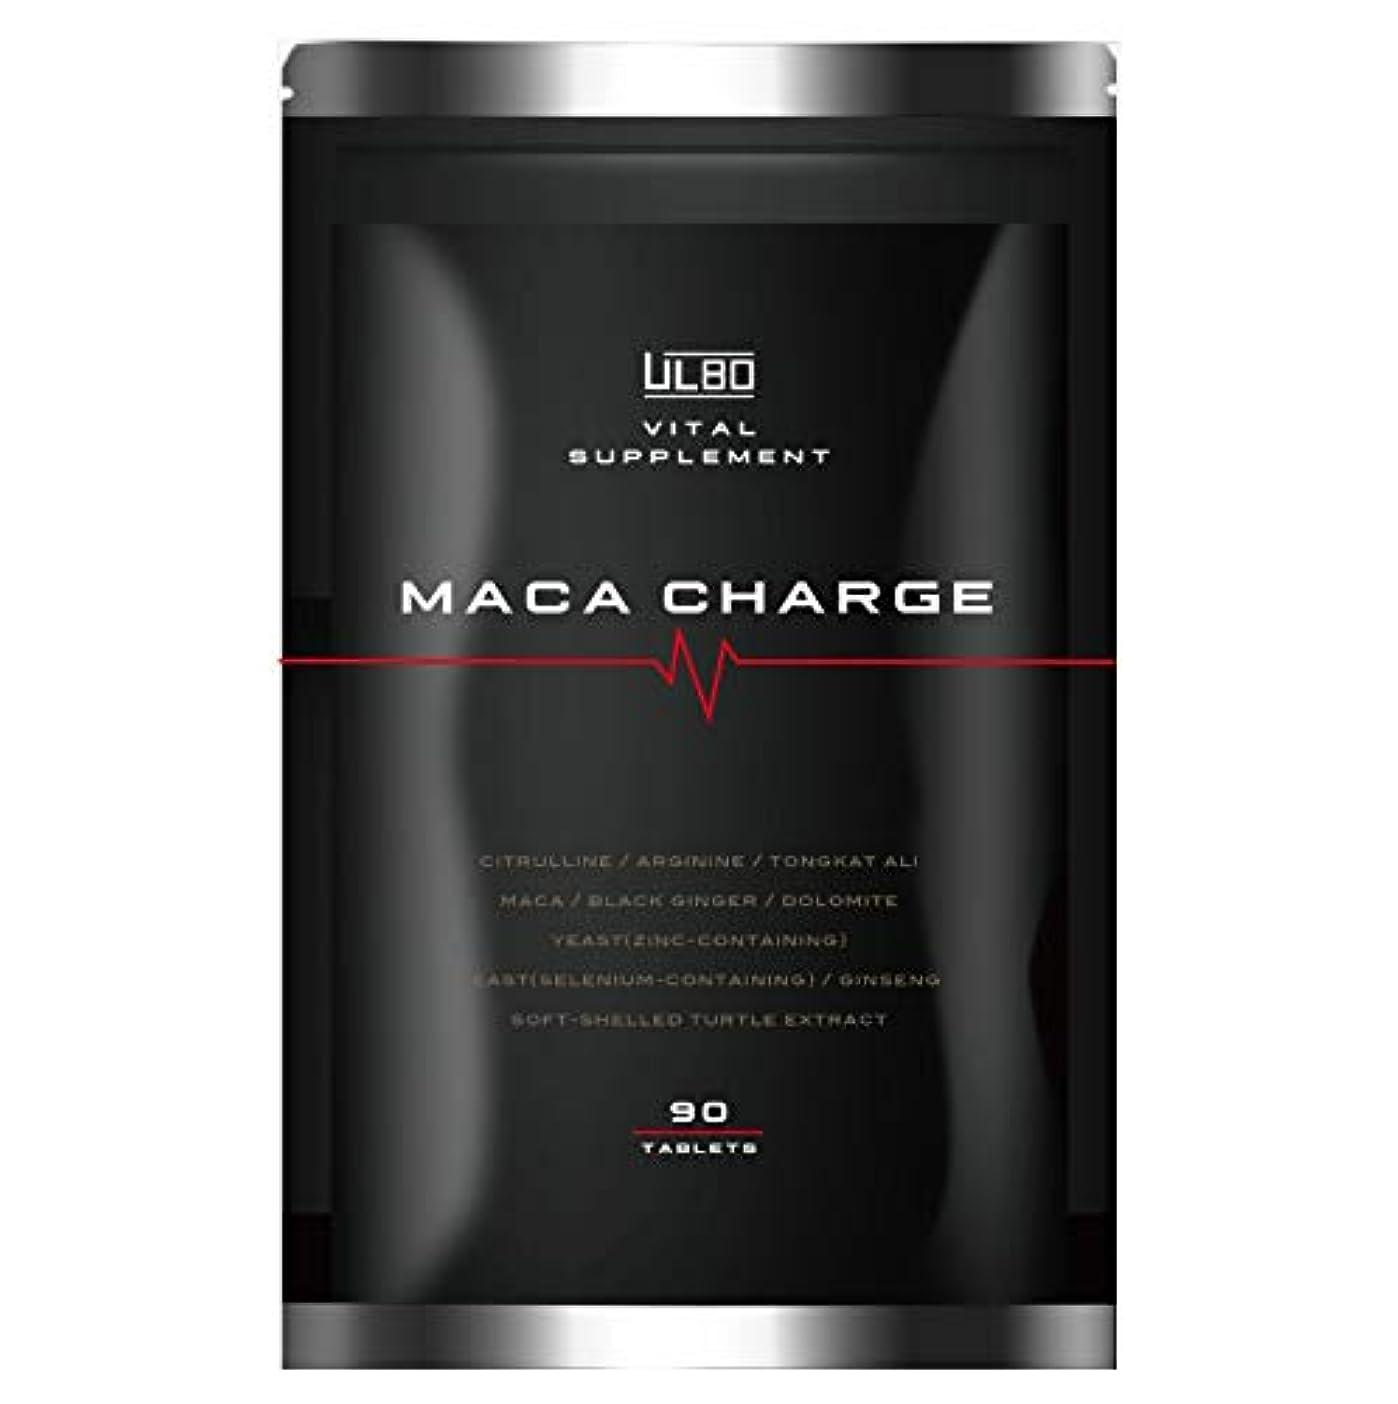 がっかりした追い払う反抗ULBO MACA CHARGE シトルリン アルギニン 亜鉛 マカ 厳選10種類 90粒 日本製